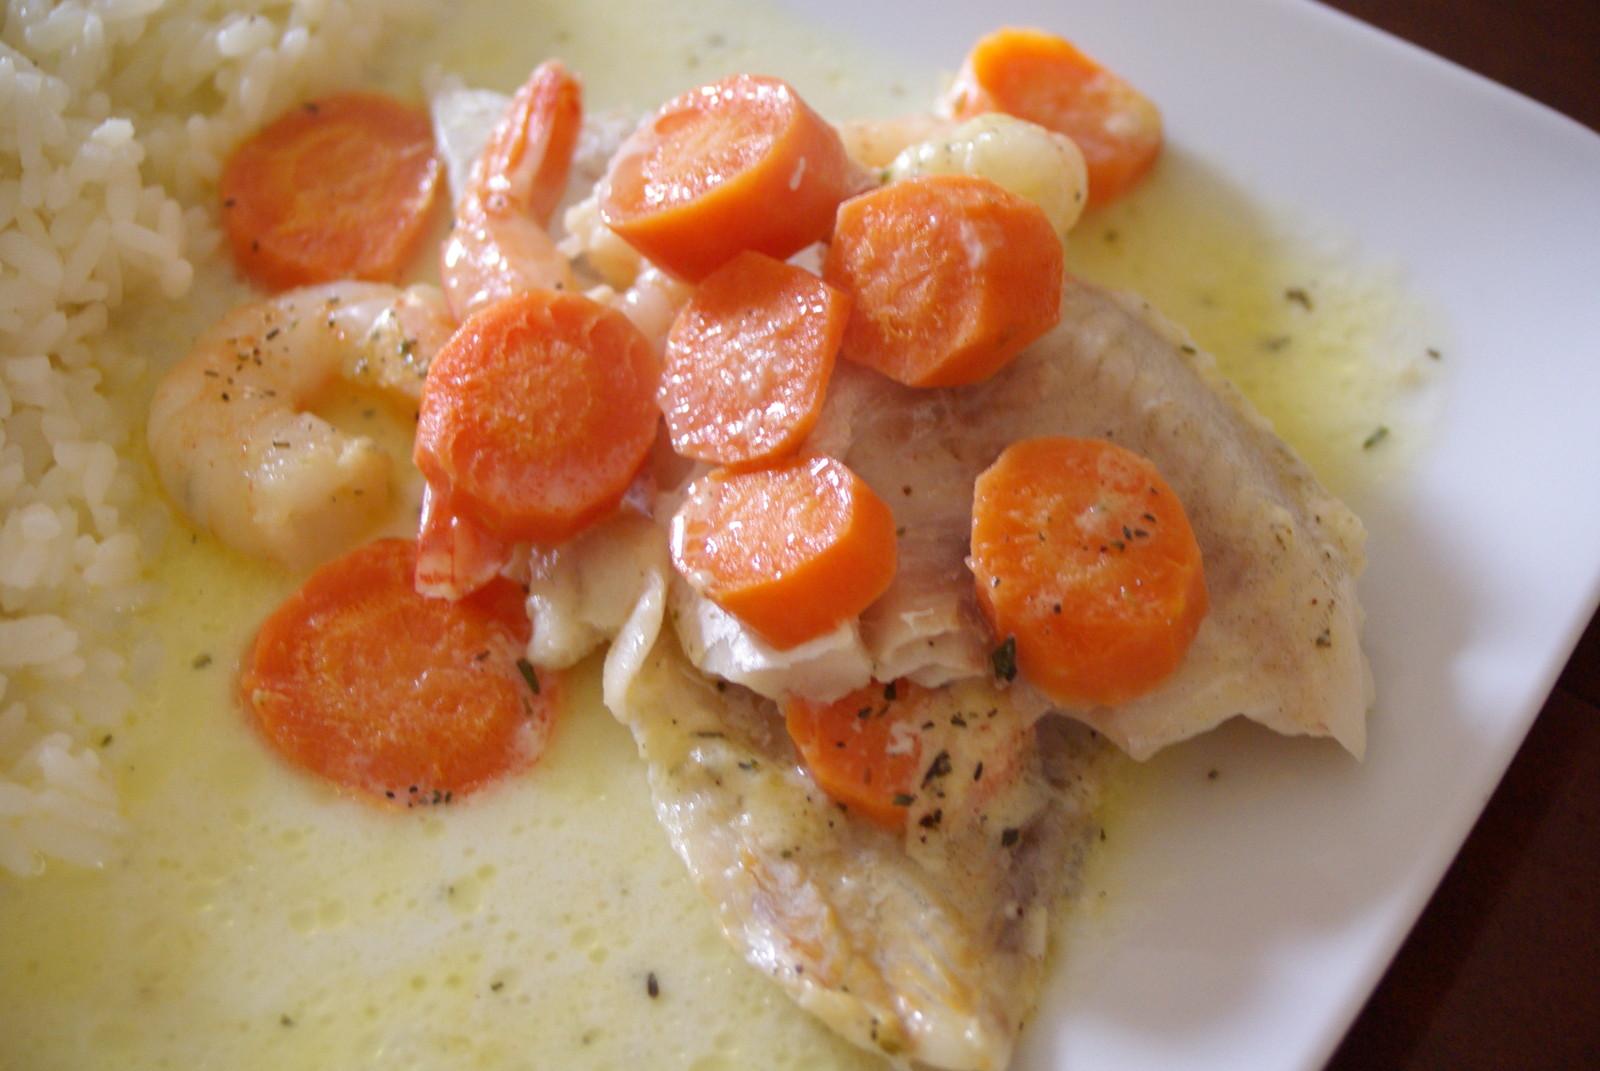 Comment cuisiner le merlu - Comment cuisiner les crevettes congelees ...